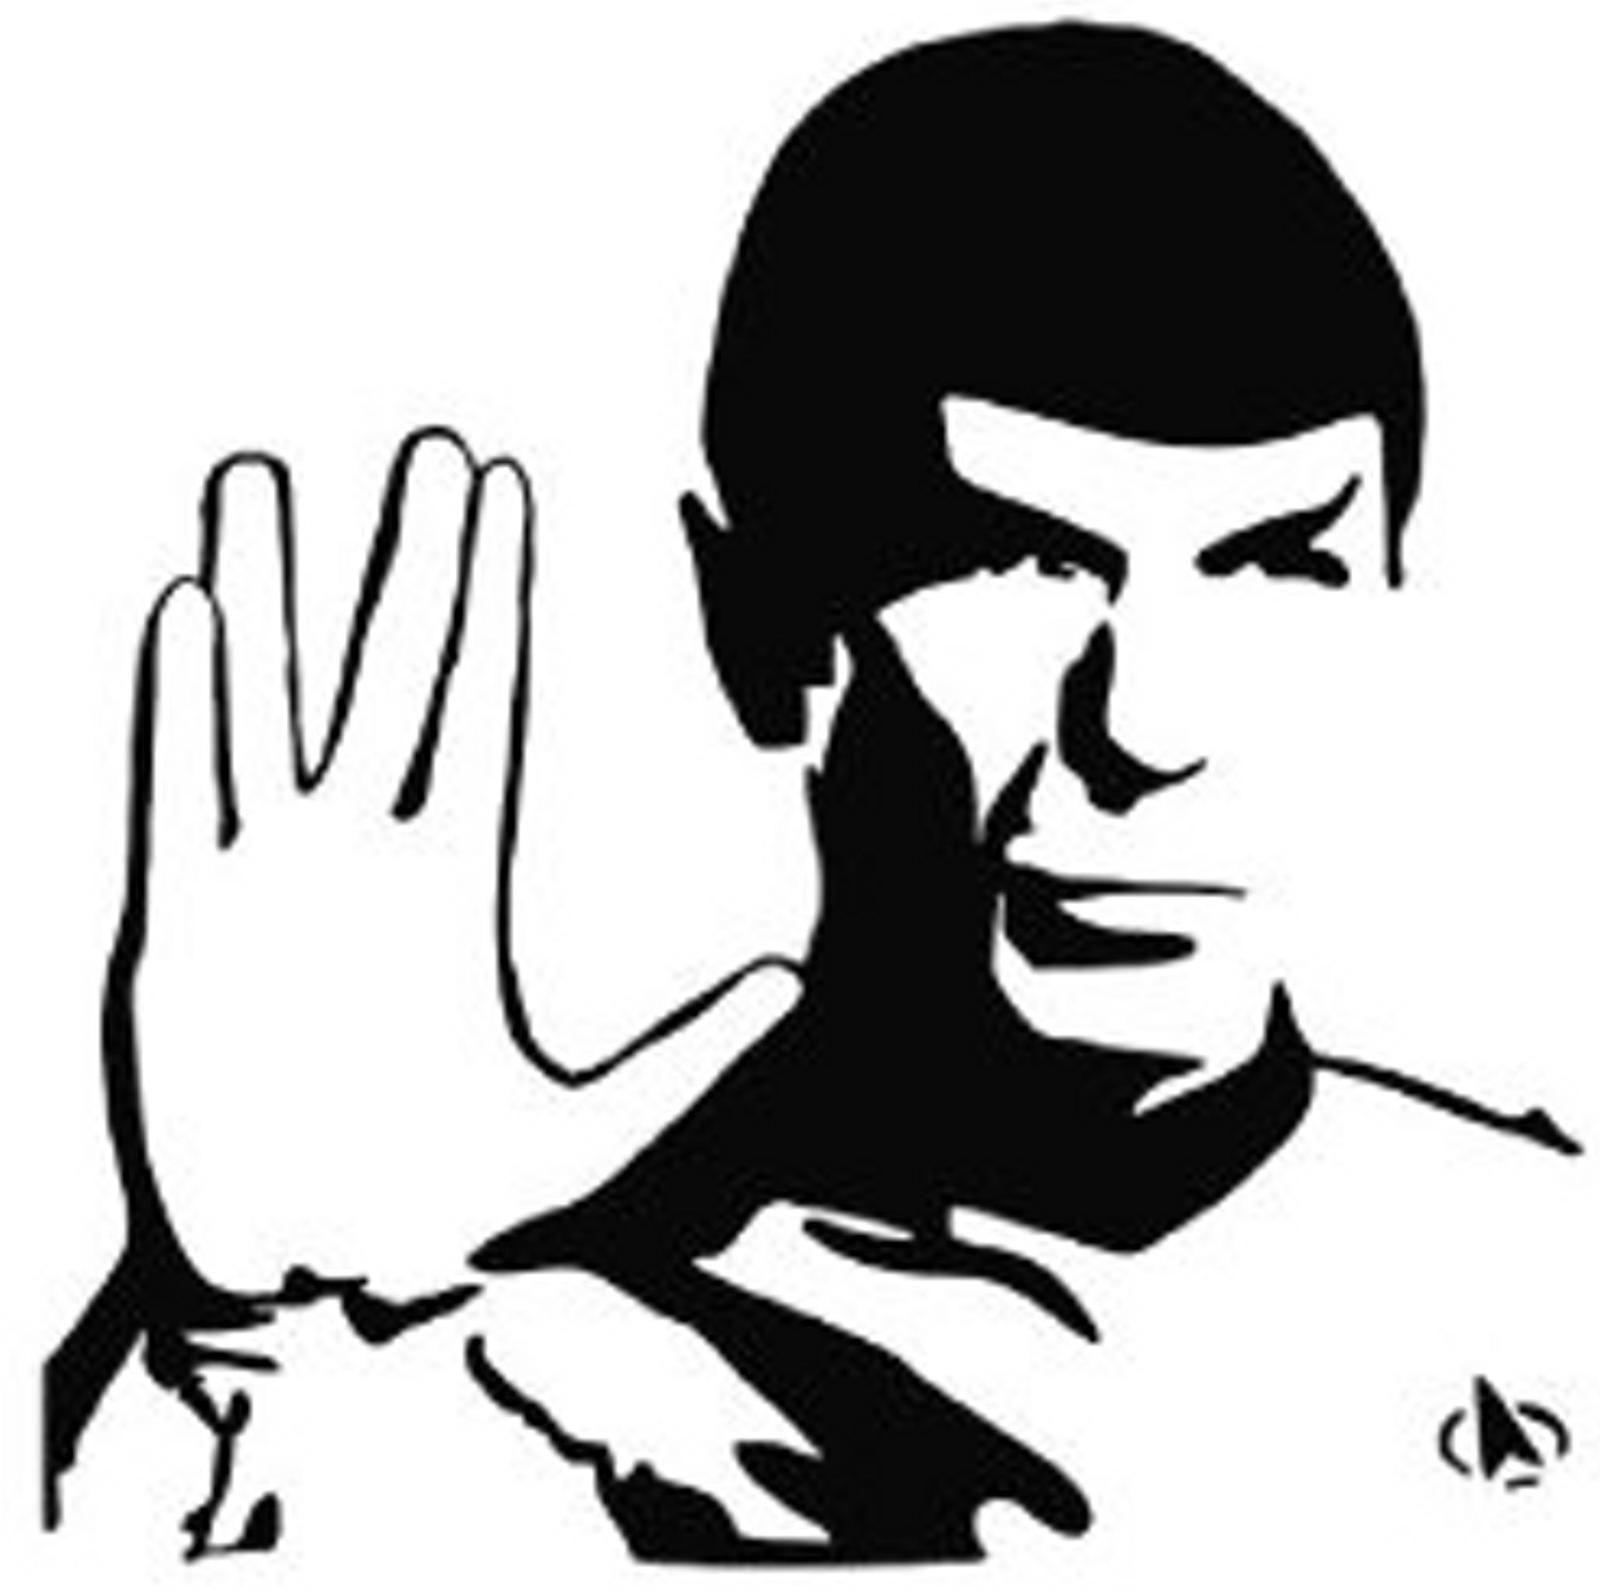 Spock Star Trek Vulcan Decal.